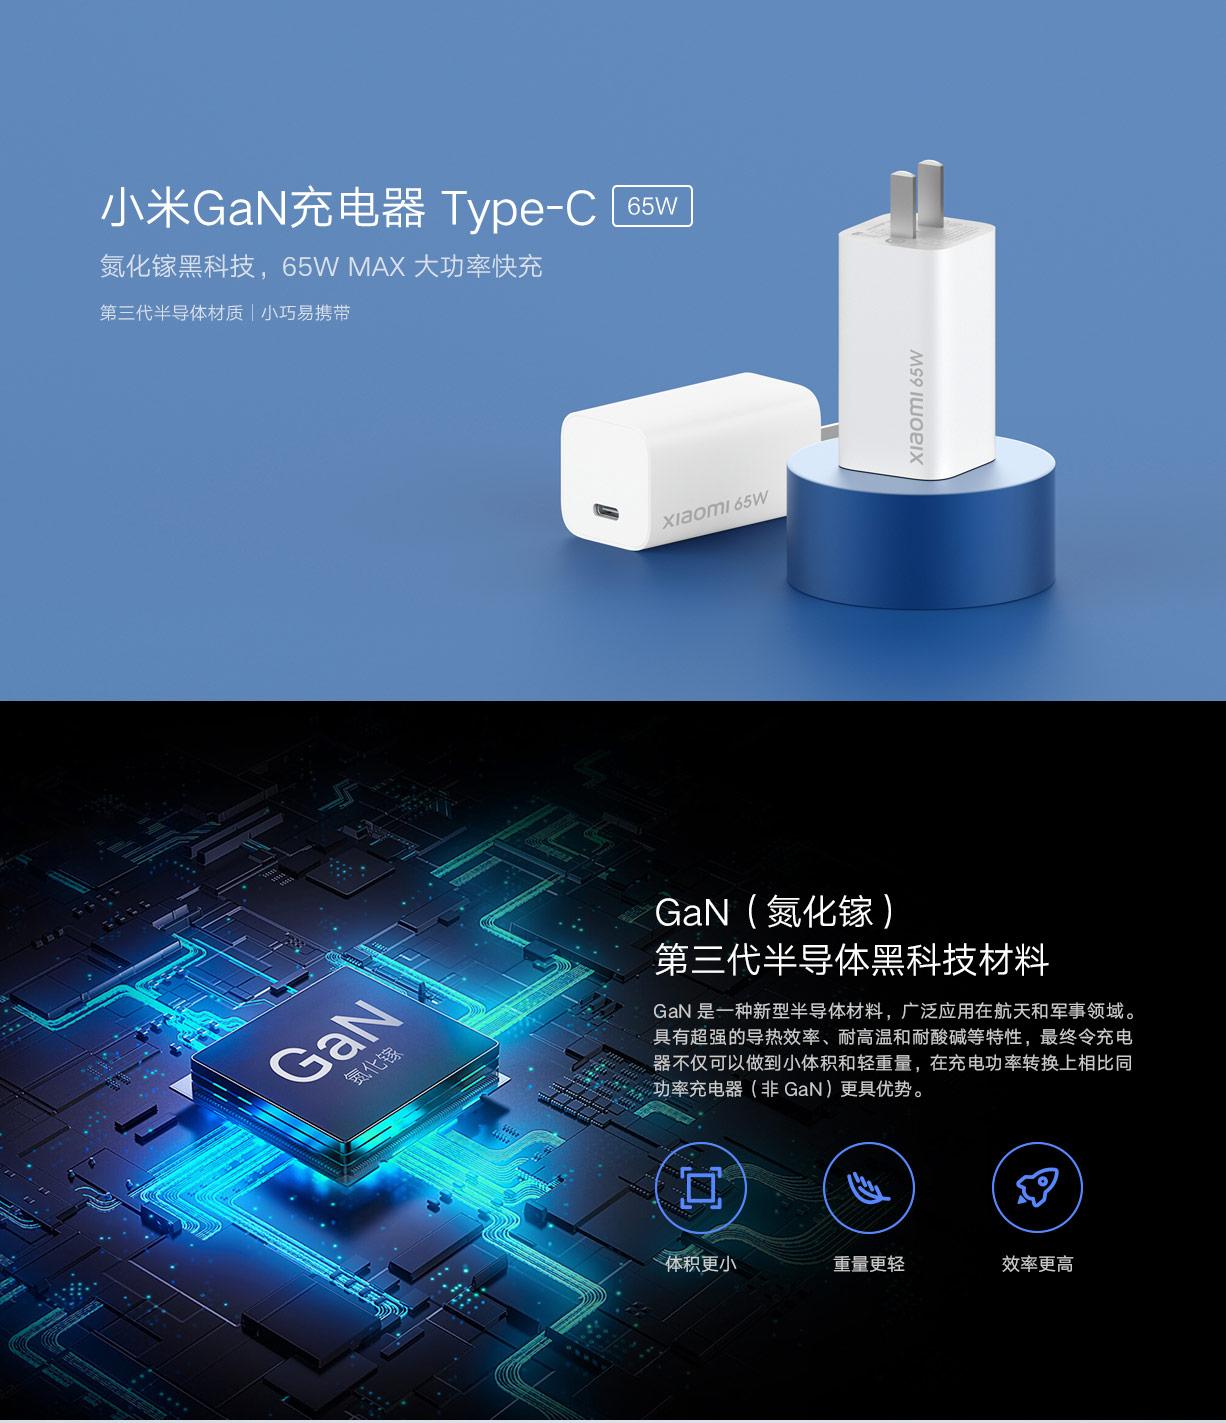 小米GaN充电器 Type-C 65W